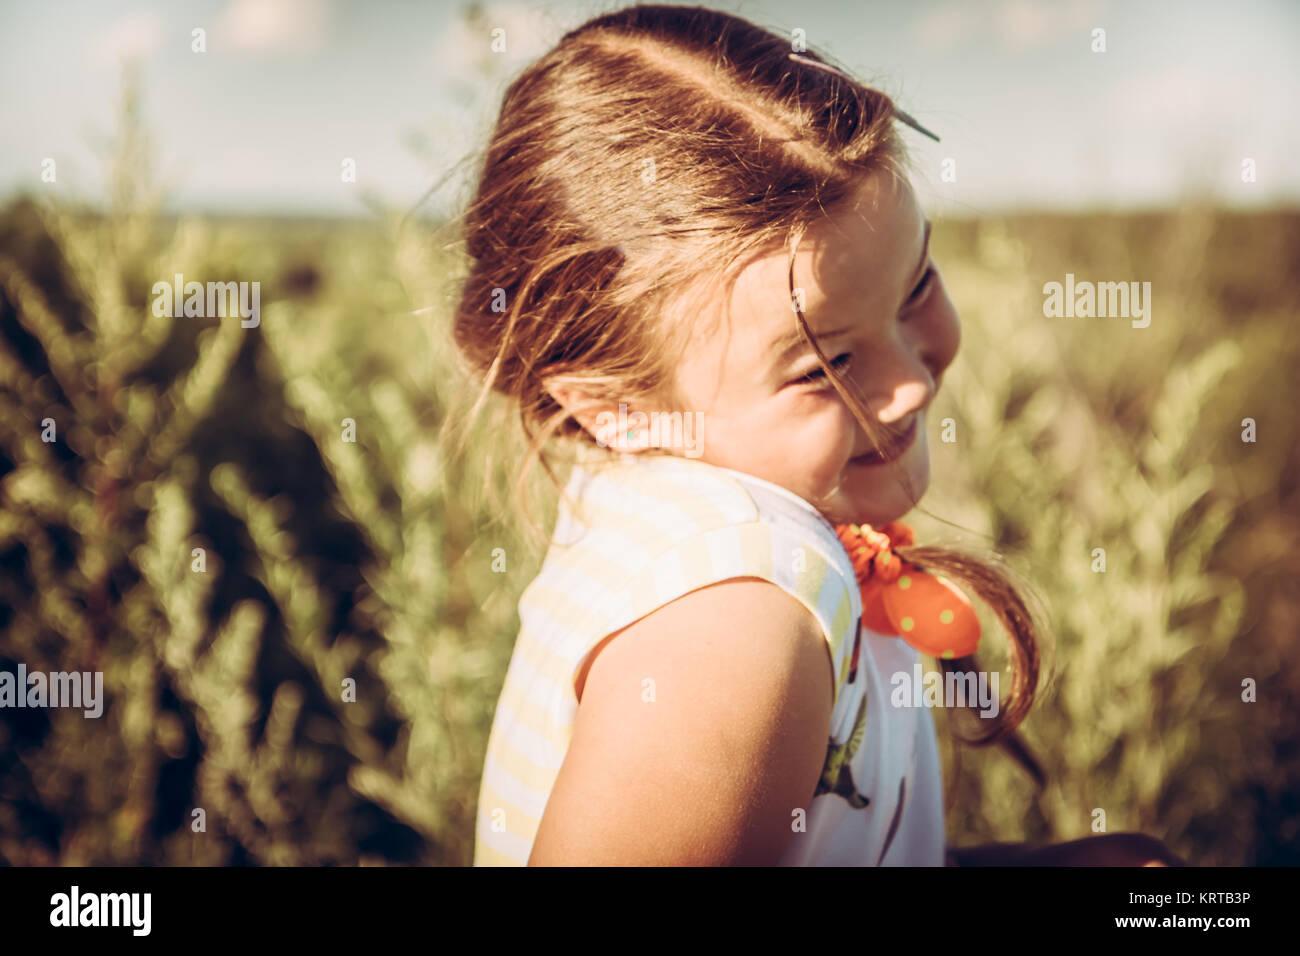 Schüchtern plumpy Mädchen im Sommer ländlichen Bereich Süß in der Landschaft während Stockbild